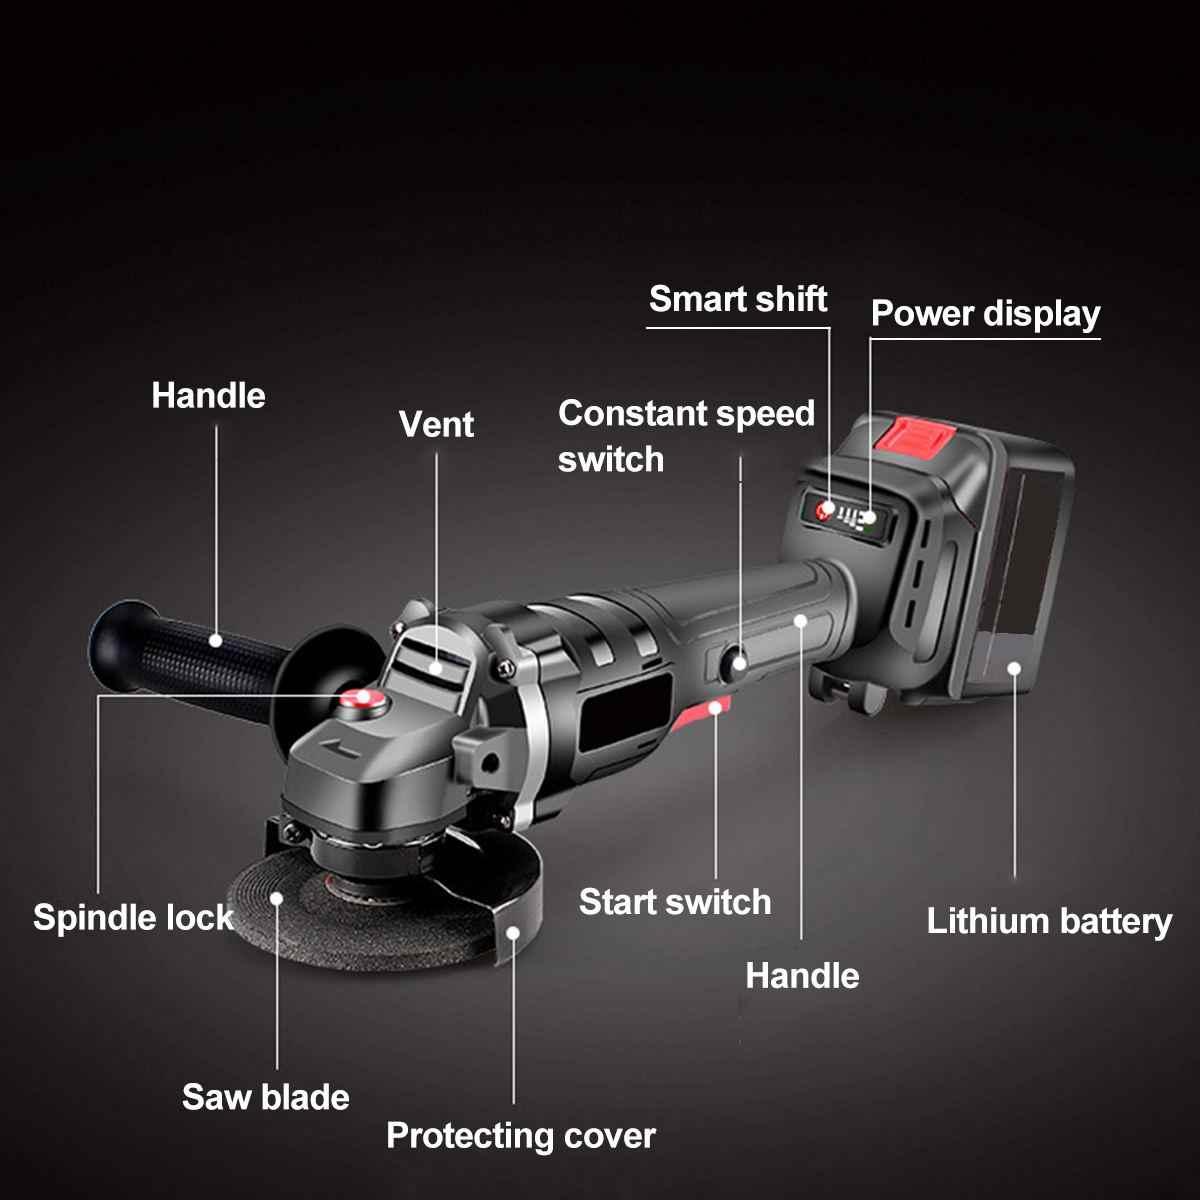 18V szlifierka kątowa szlifierka elektryczna szlifierka moc narzędzie do szlifowania cięcia szlifowania metalu 68000MAH 2x baterie